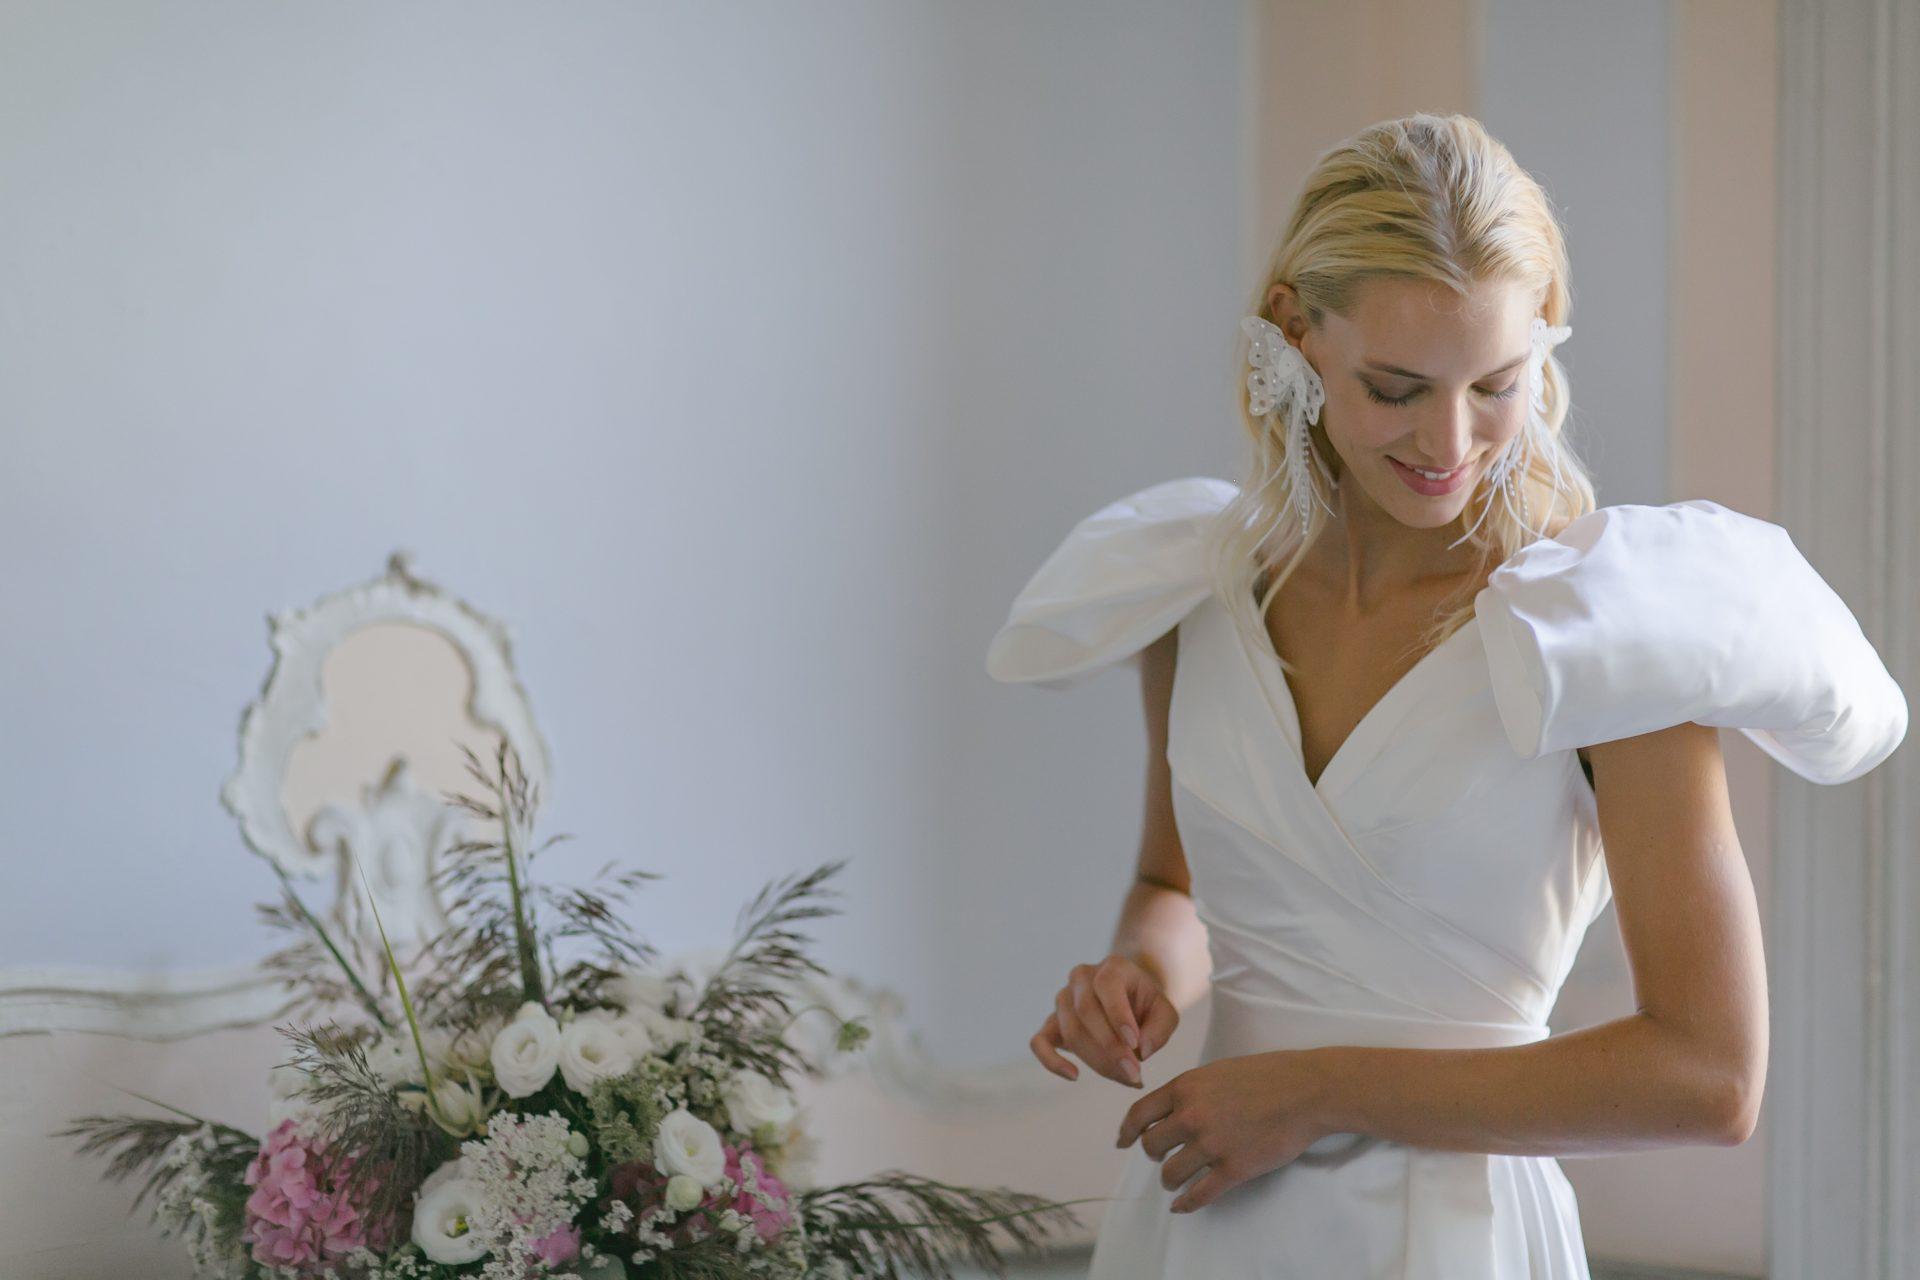 1 Collezione-Elisabetta-Polignano-White-Sposa-Estella-Lanti_0065